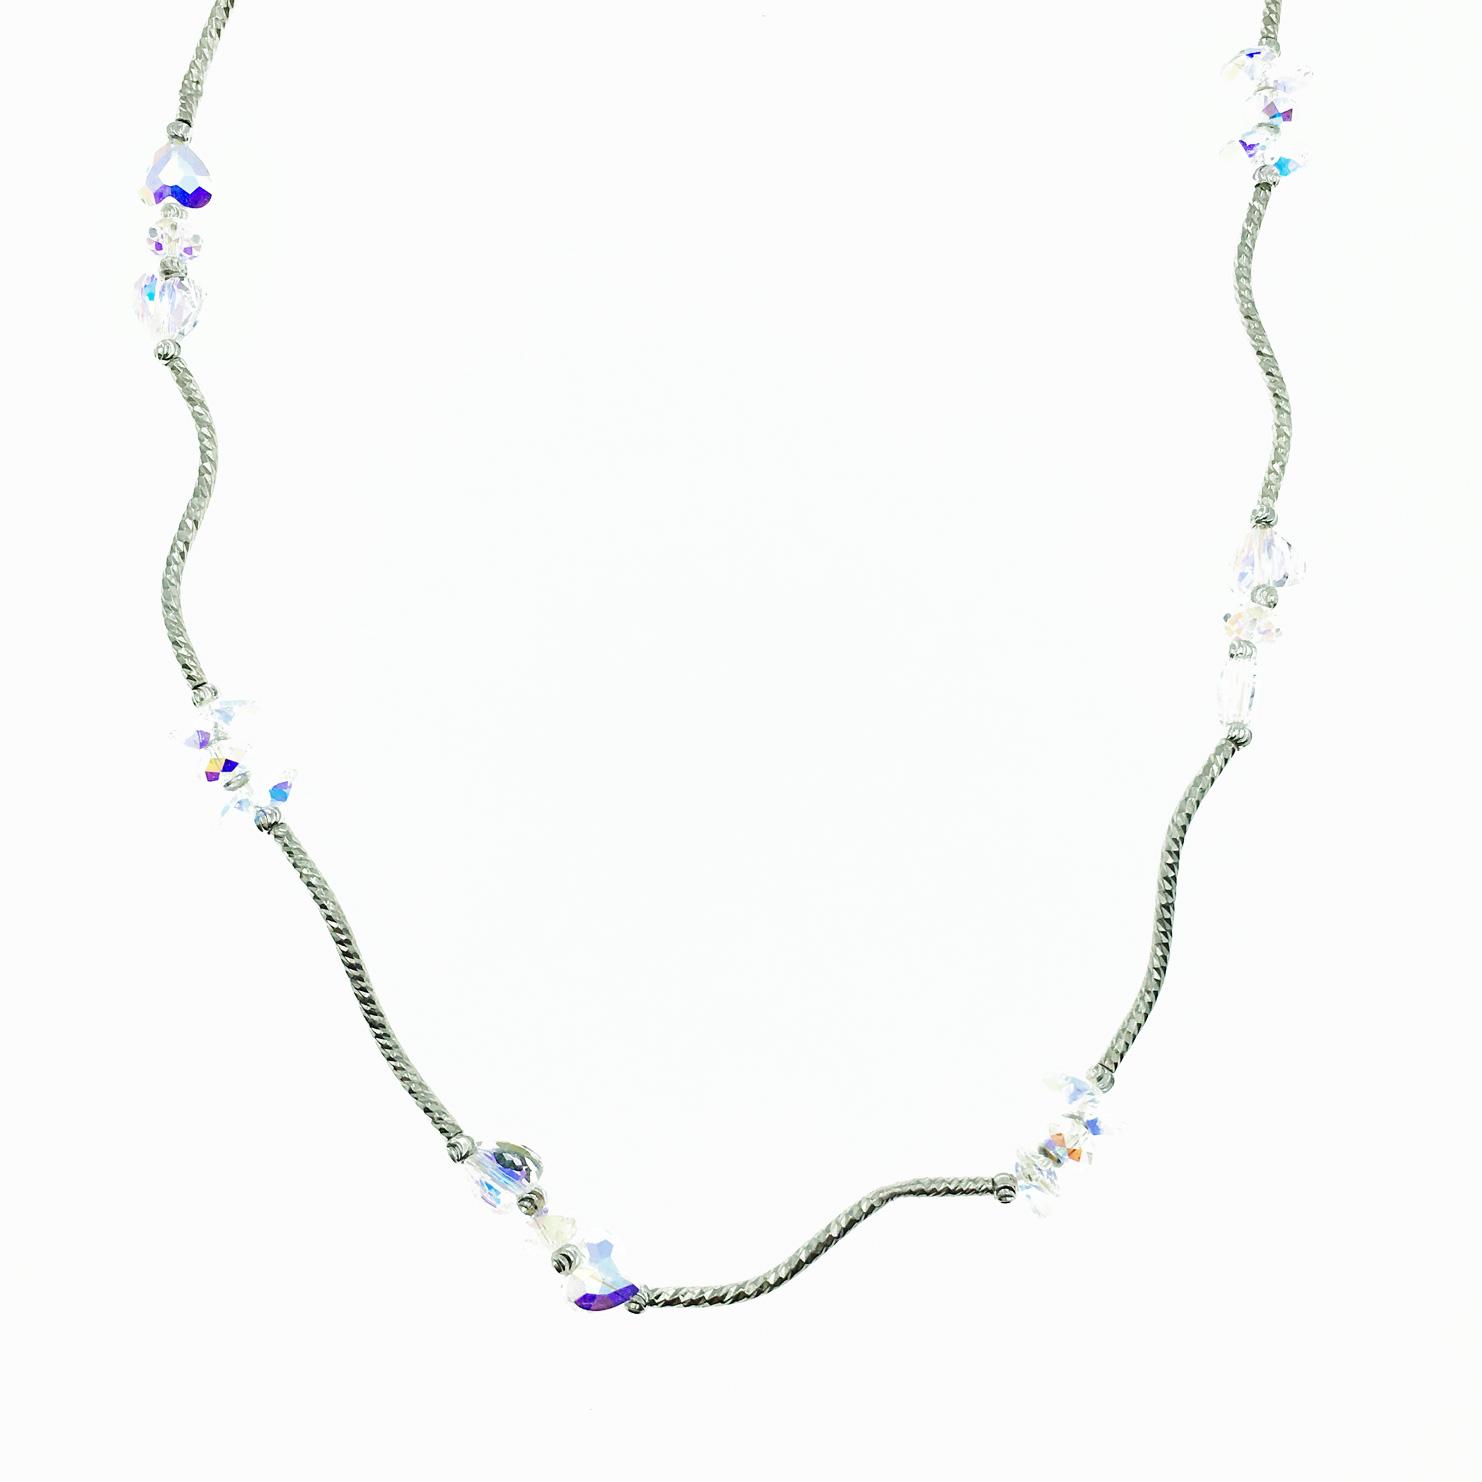 水晶 透明 水波紋 項鍊 採用施華洛世奇水晶元素 Crystals from Swarovski